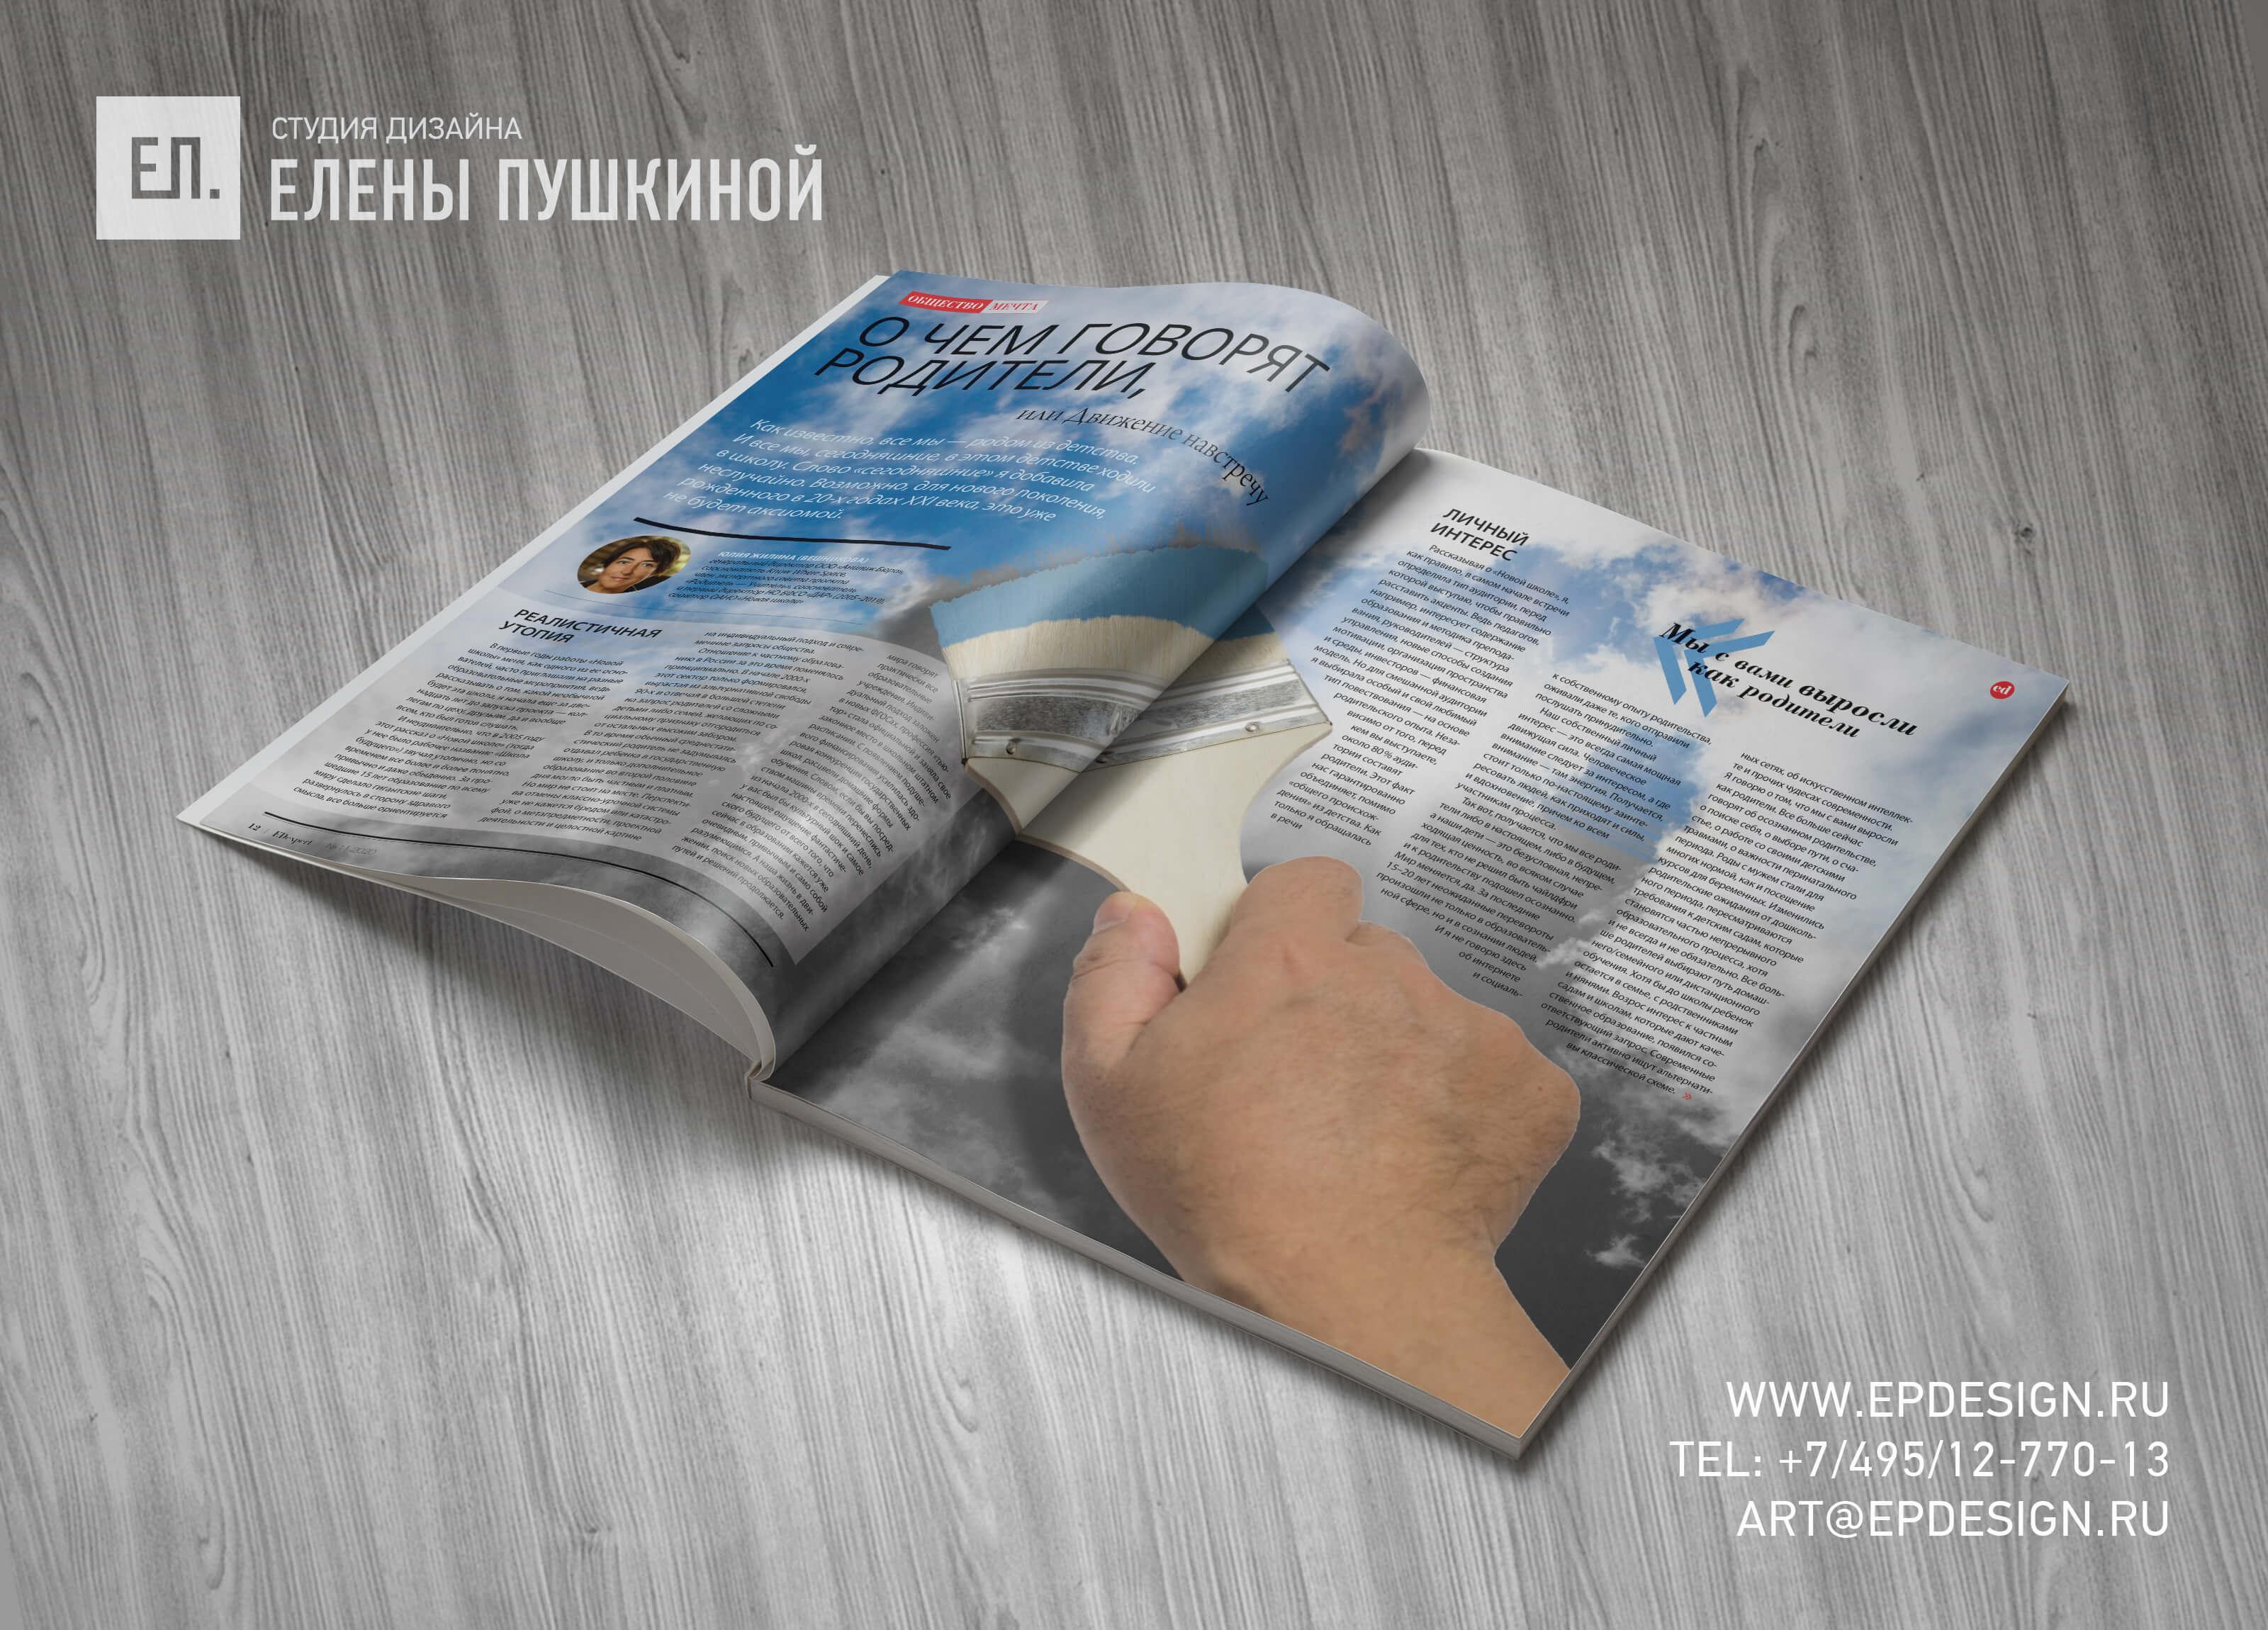 Журнал «EDexpert» №11 апрель 2020 — разработка с «нуля» логотипа, обложки, макета и вёрстка журнала Разработка журналов Портфолио